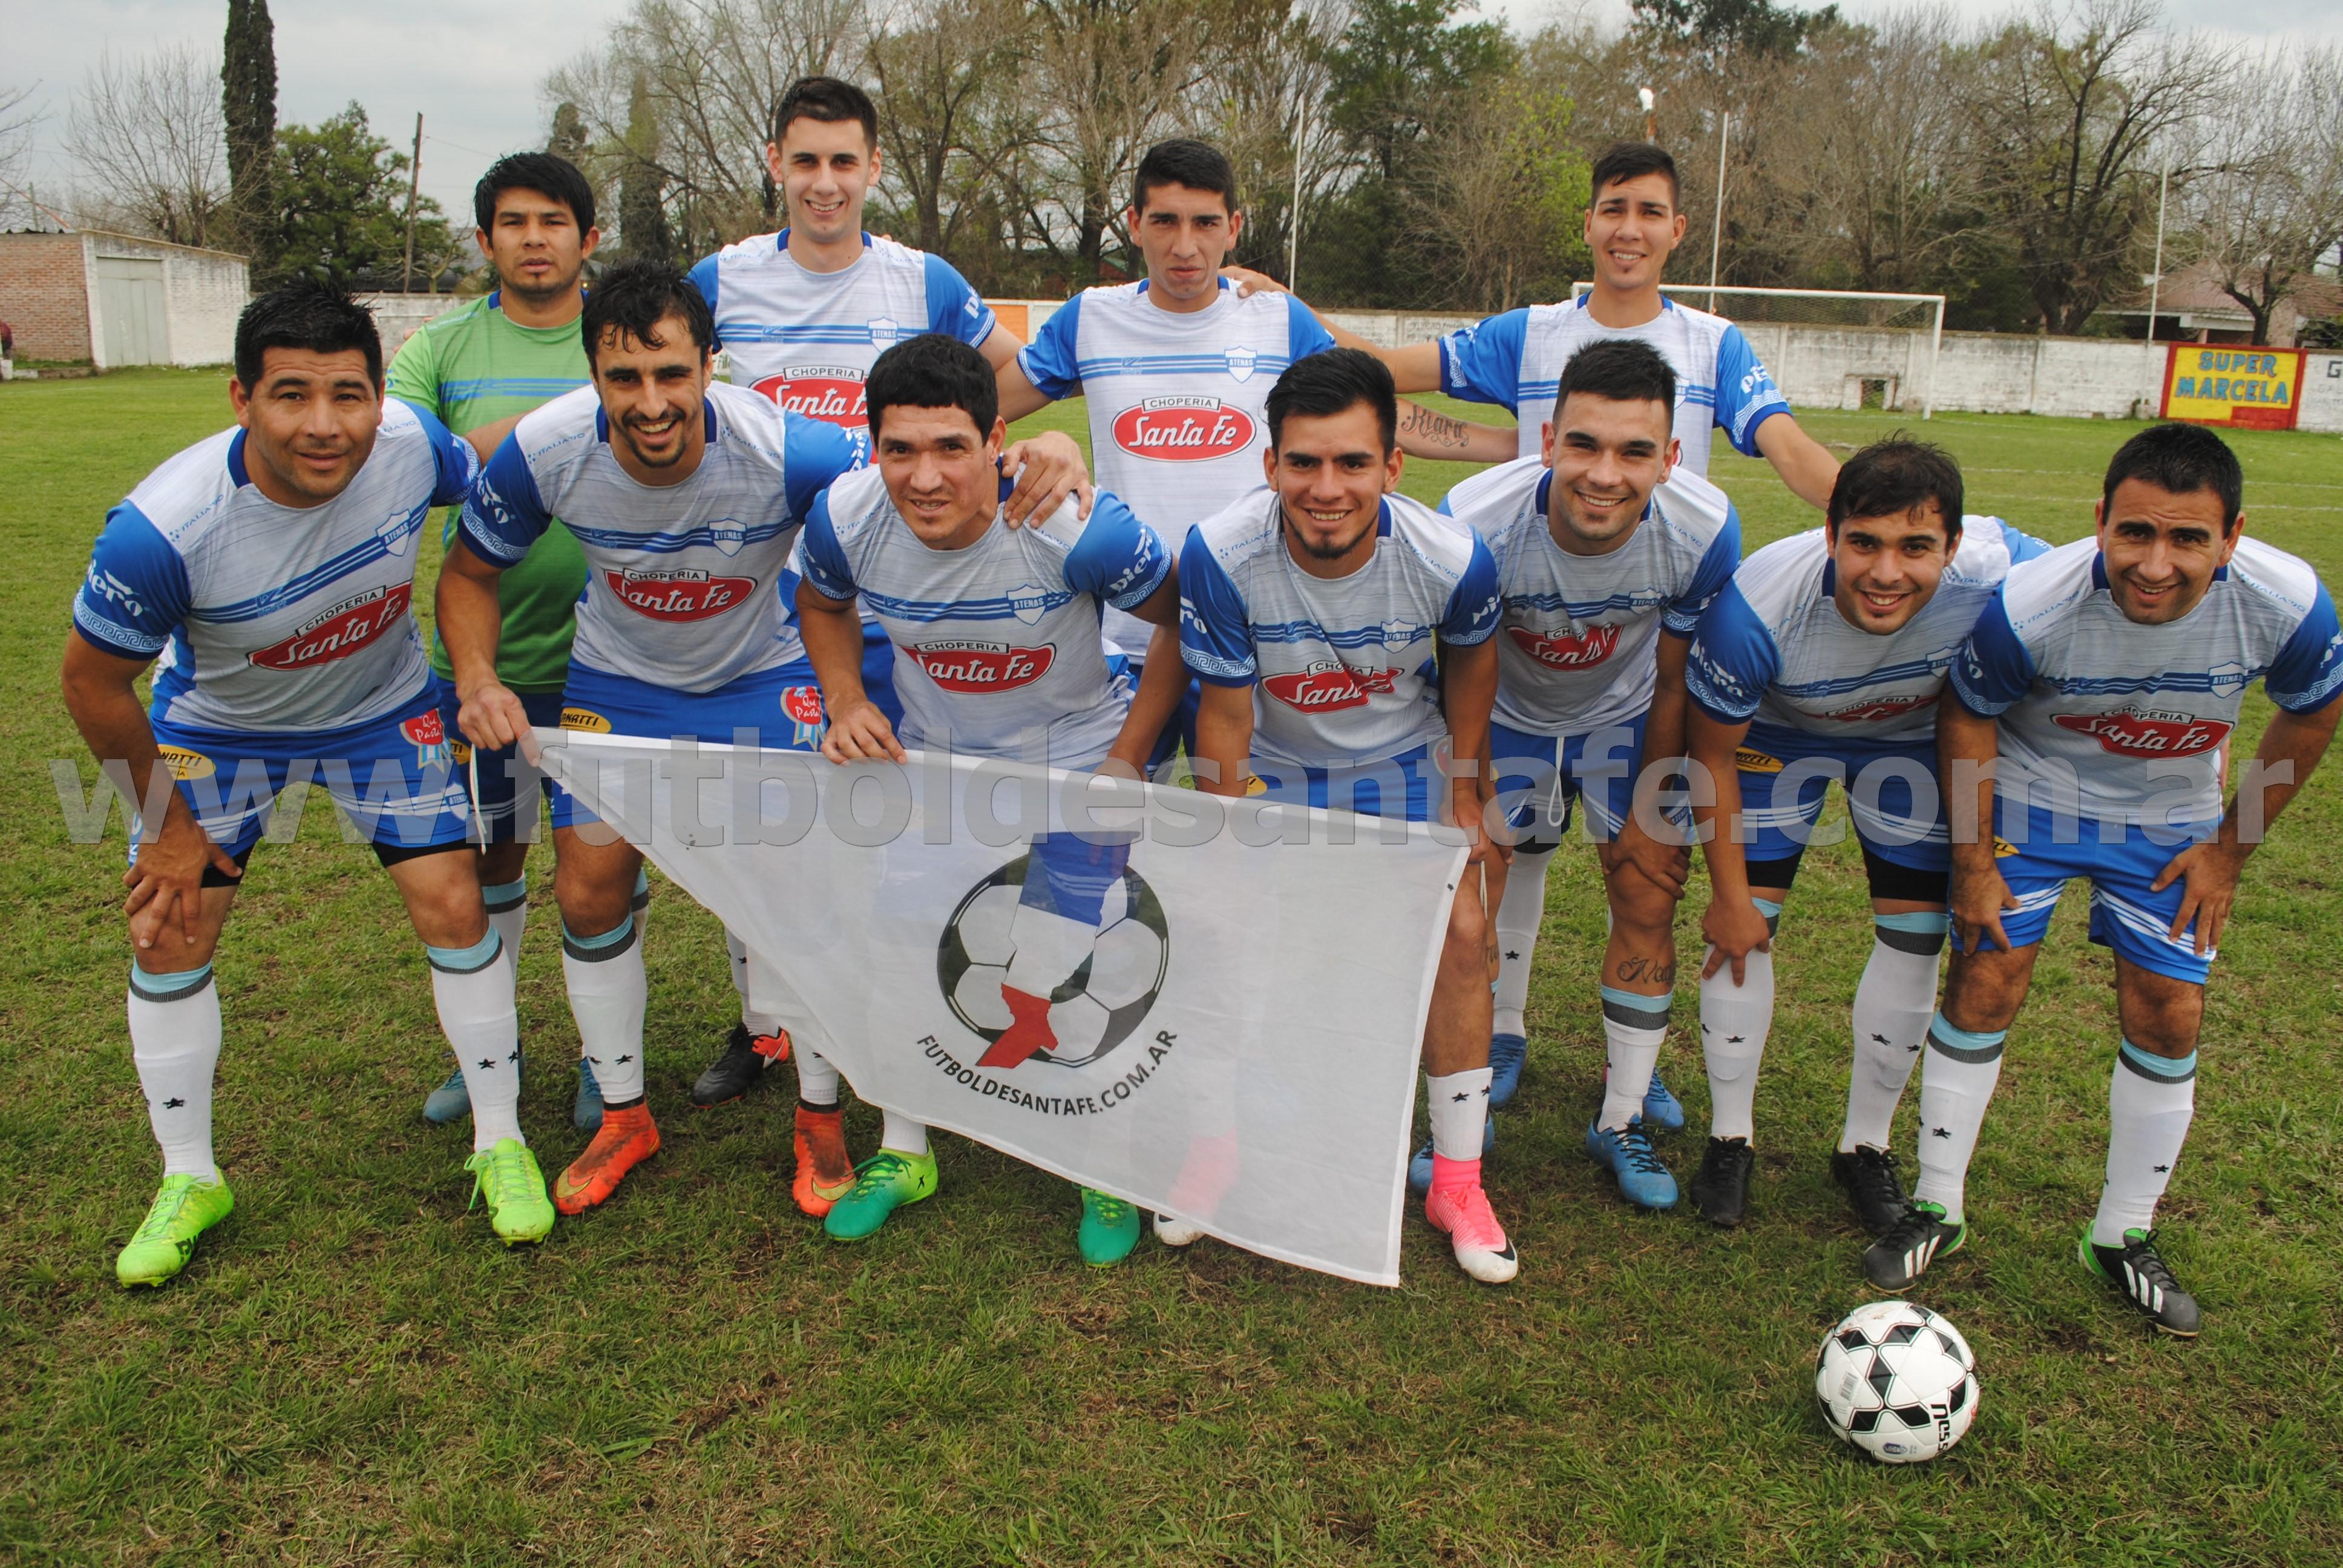 Juventud Unida 2 - Atenas 4 (La crónica)